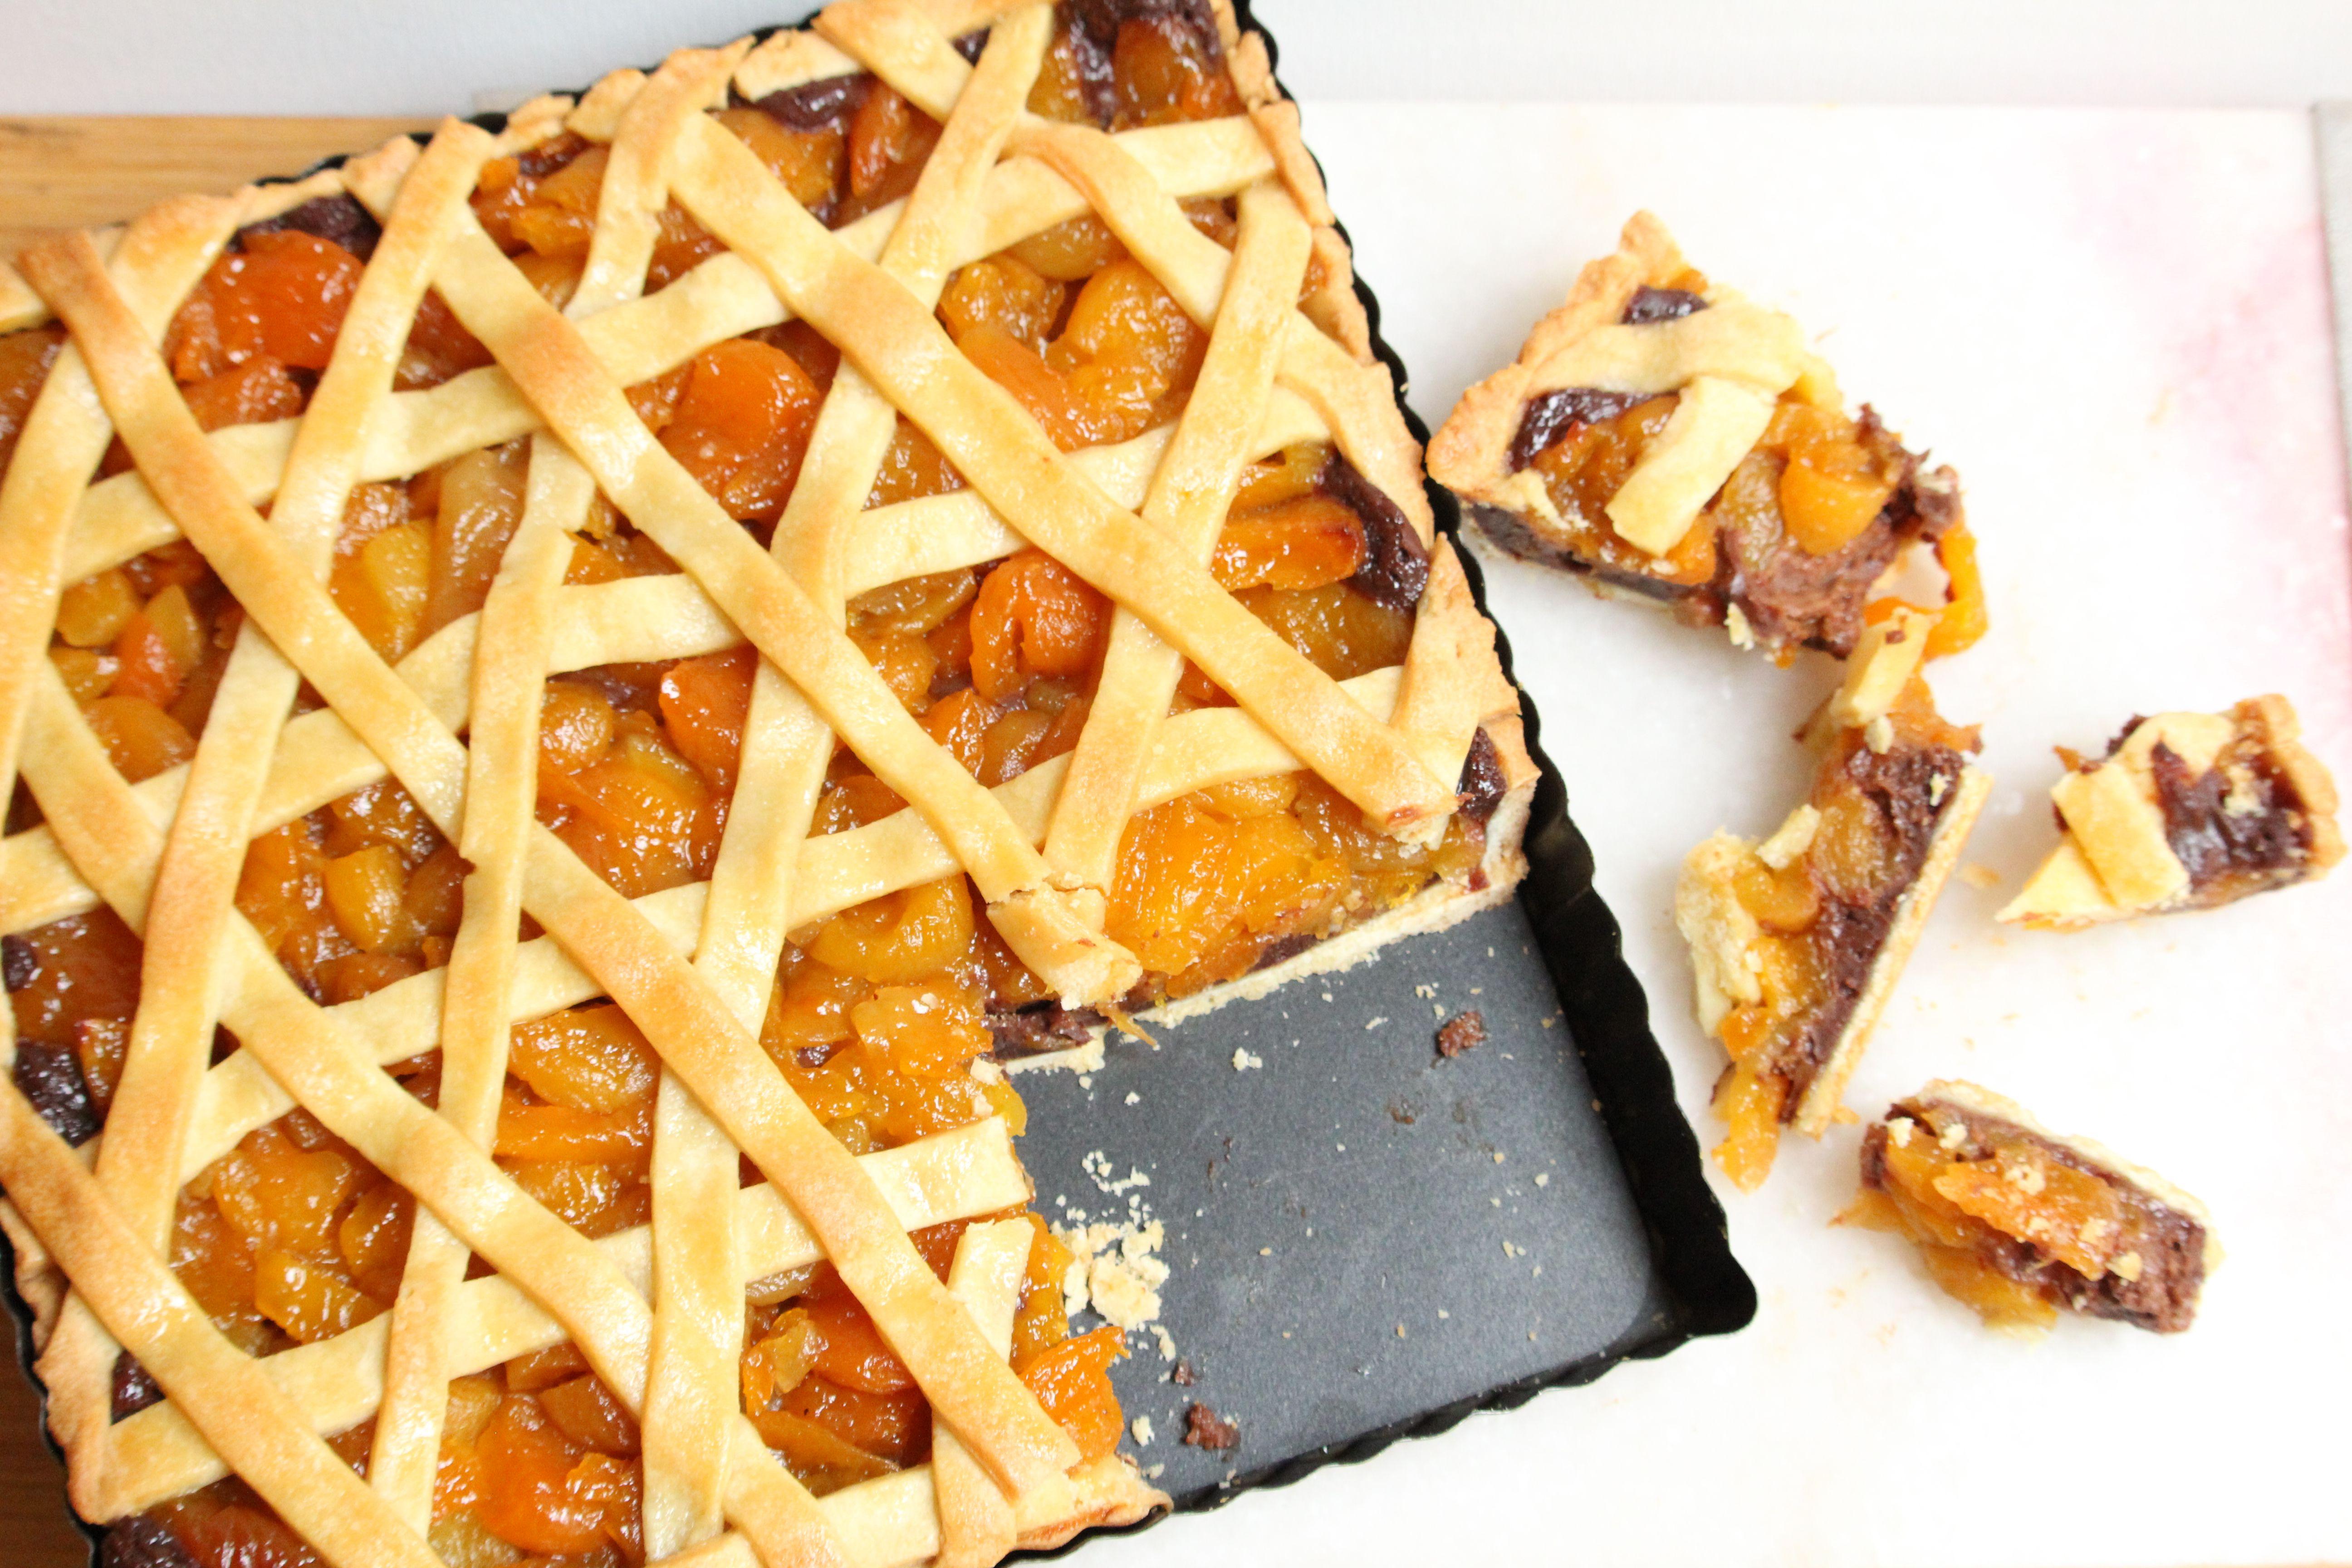 Apricot and Chocolate Tahini Ganache Tart